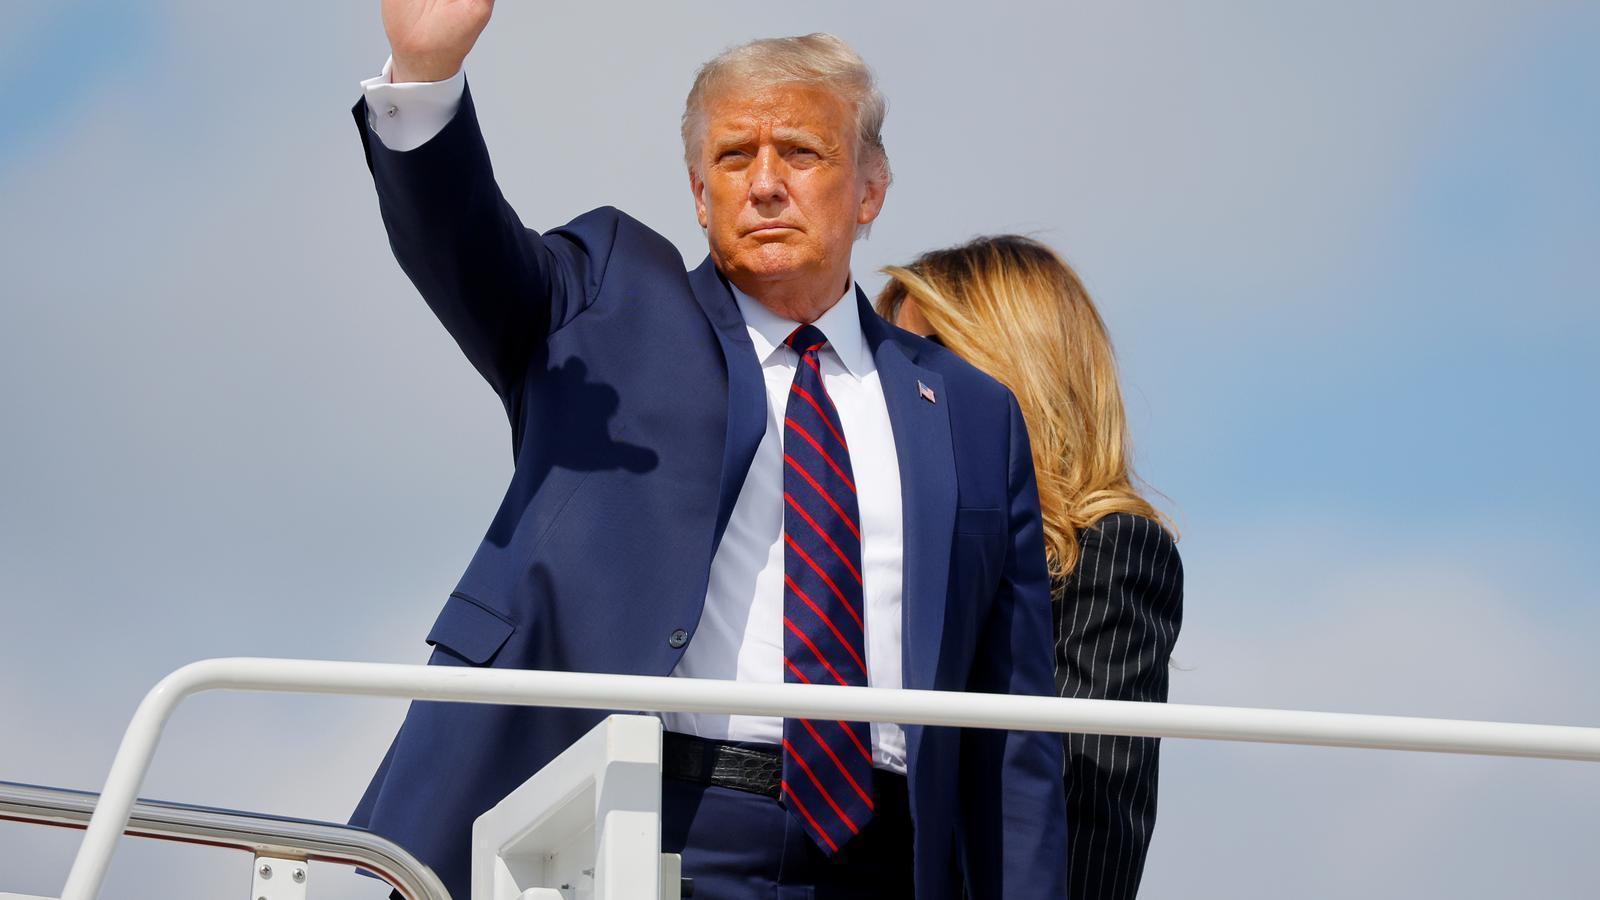 Donald Trump també a punt de pujar a l'avió direcció al primer debat entre ell i Joe Biden.